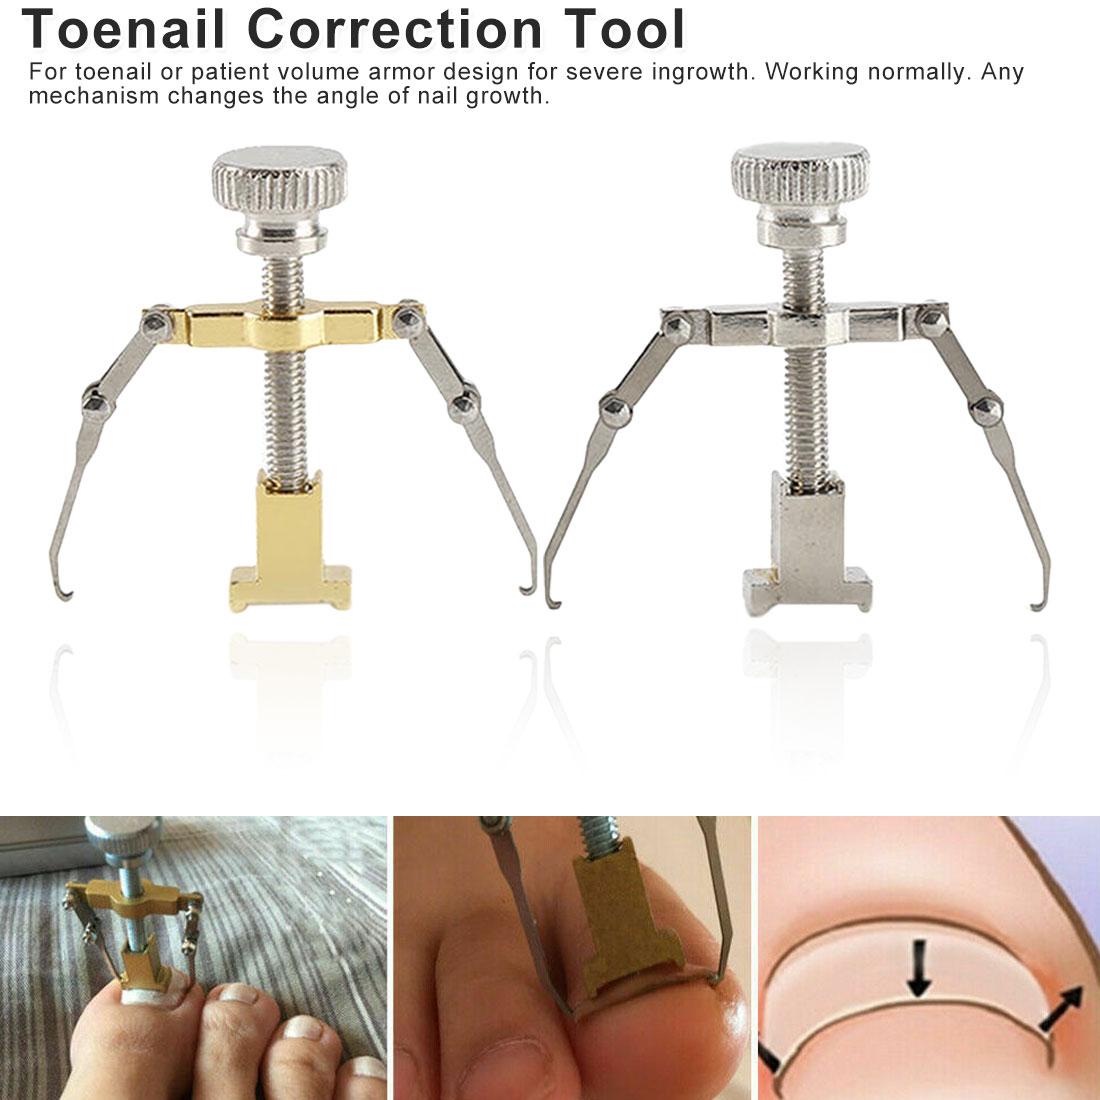 Nail Care Tool Orthotic Nail Corrector Pedicure Tool 1pcs Useful Ingrown Nail Foot Correction Tool Pedicure Toenail Fixer Foot